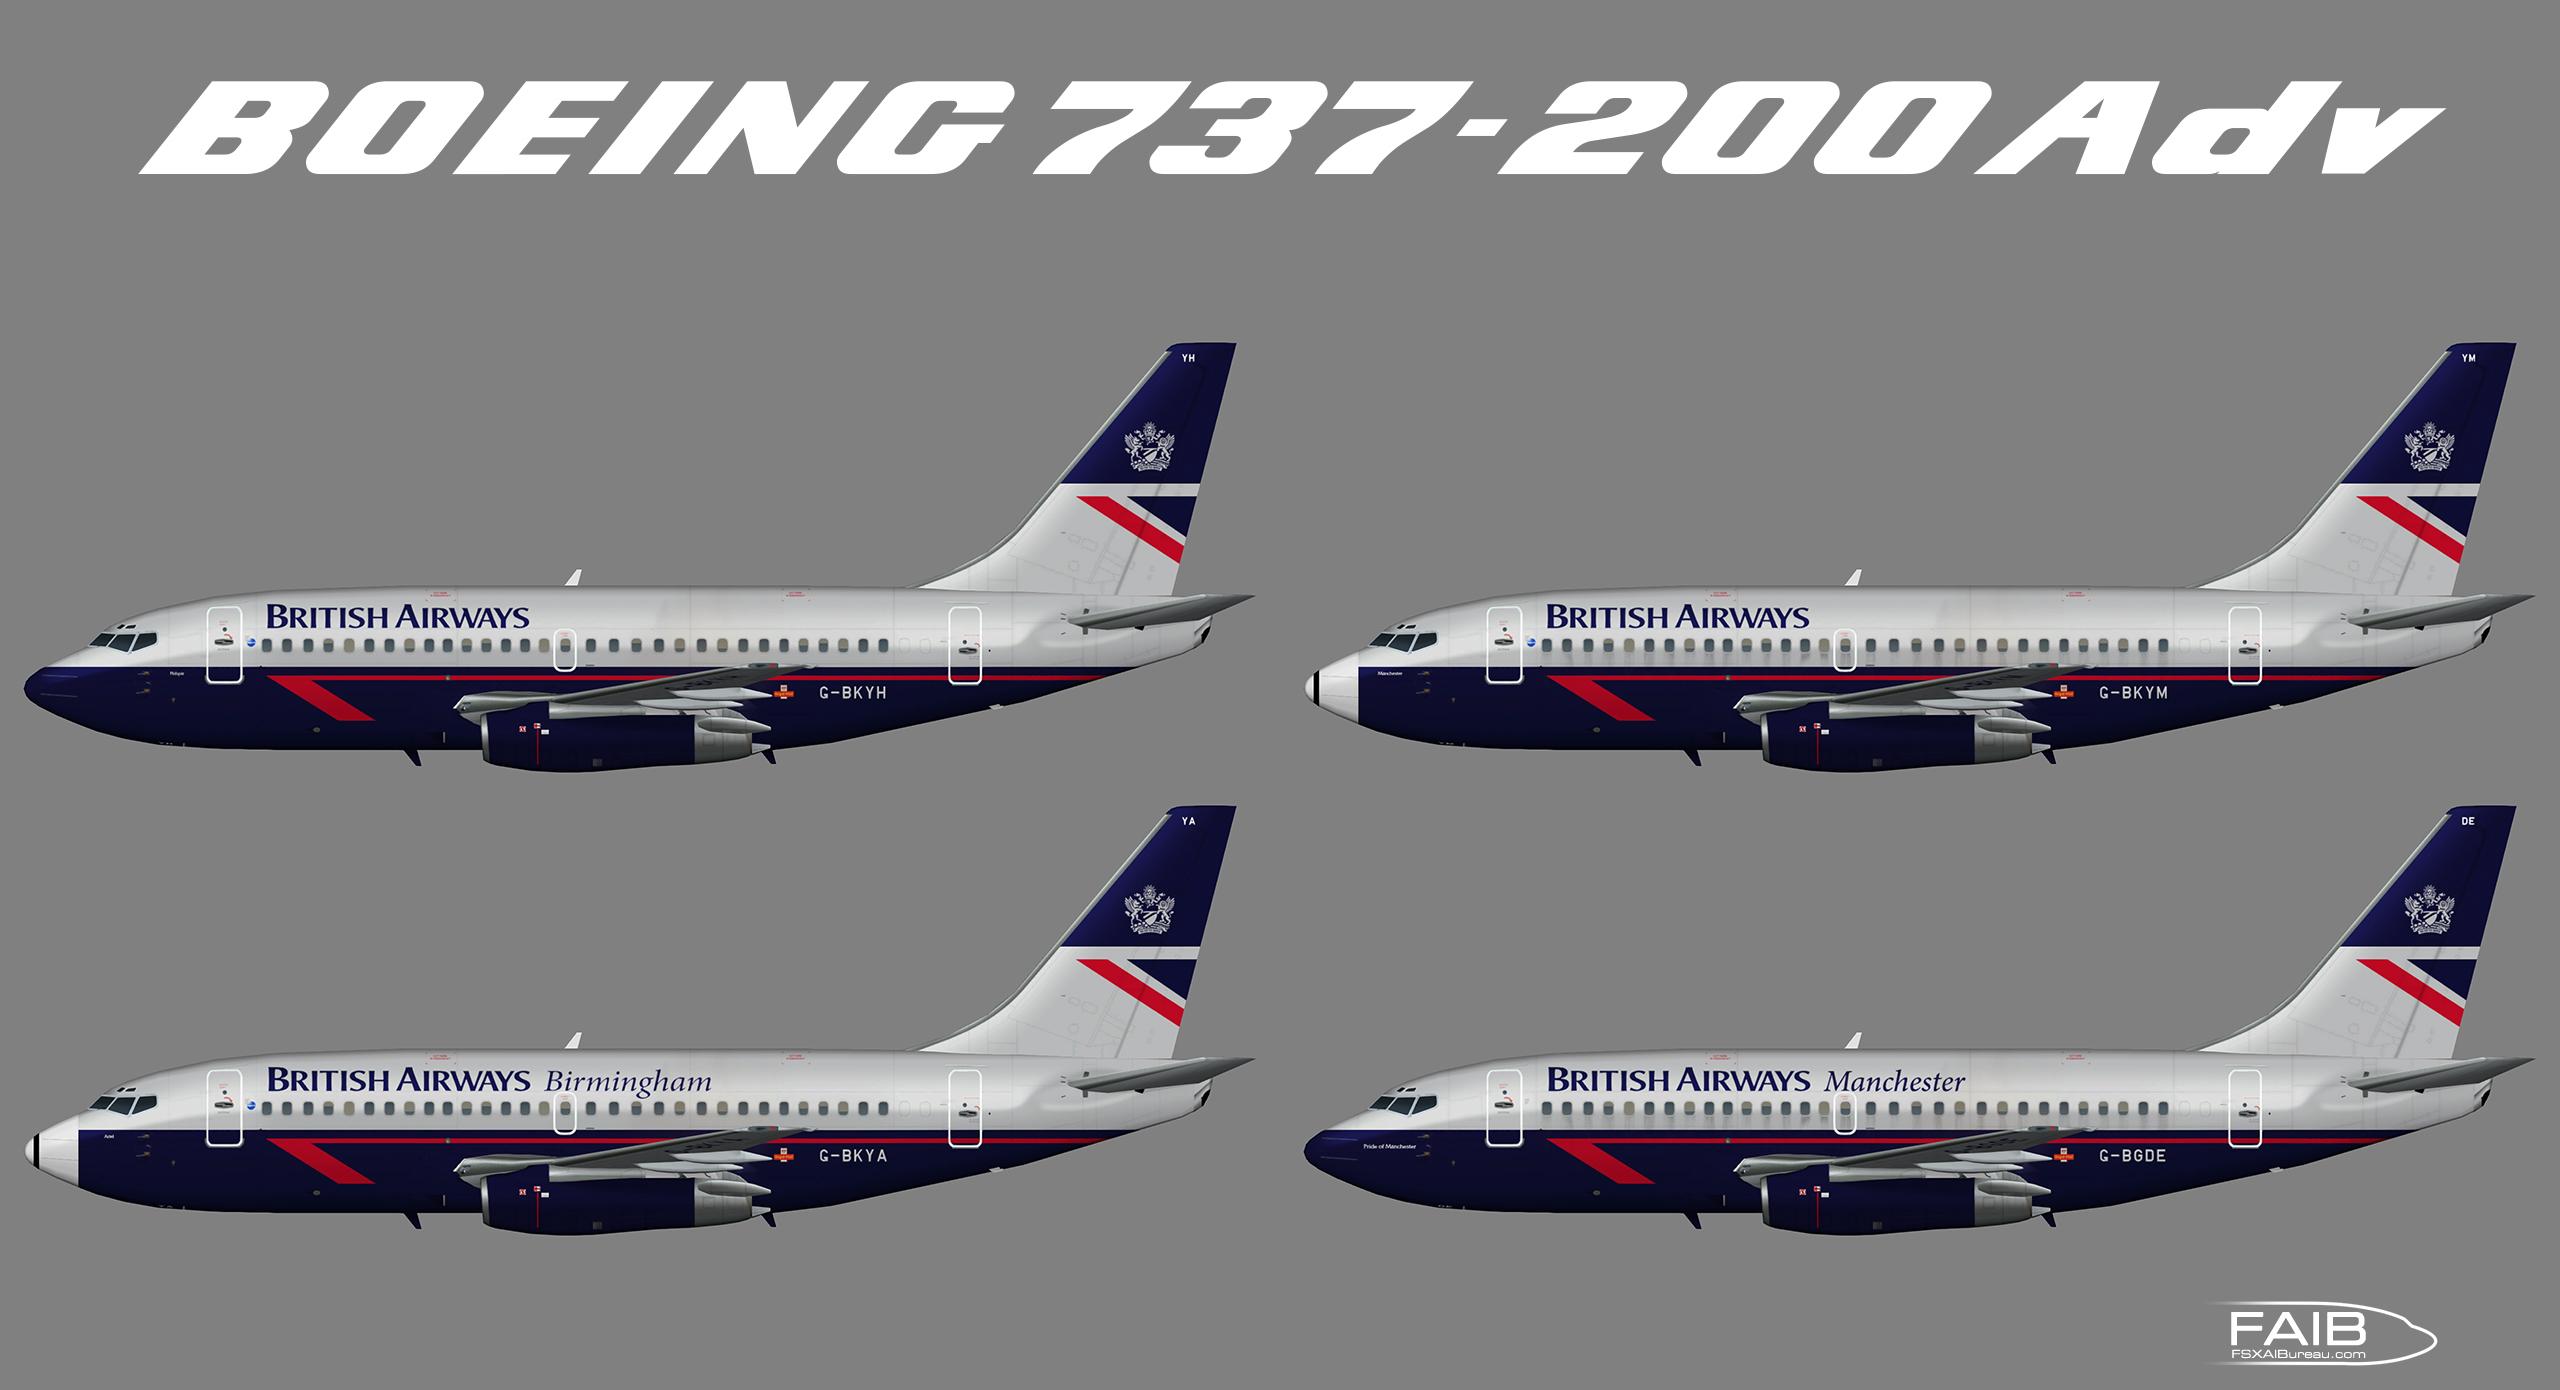 """British Airways """"Landor"""" Boeing 737-200Adv"""